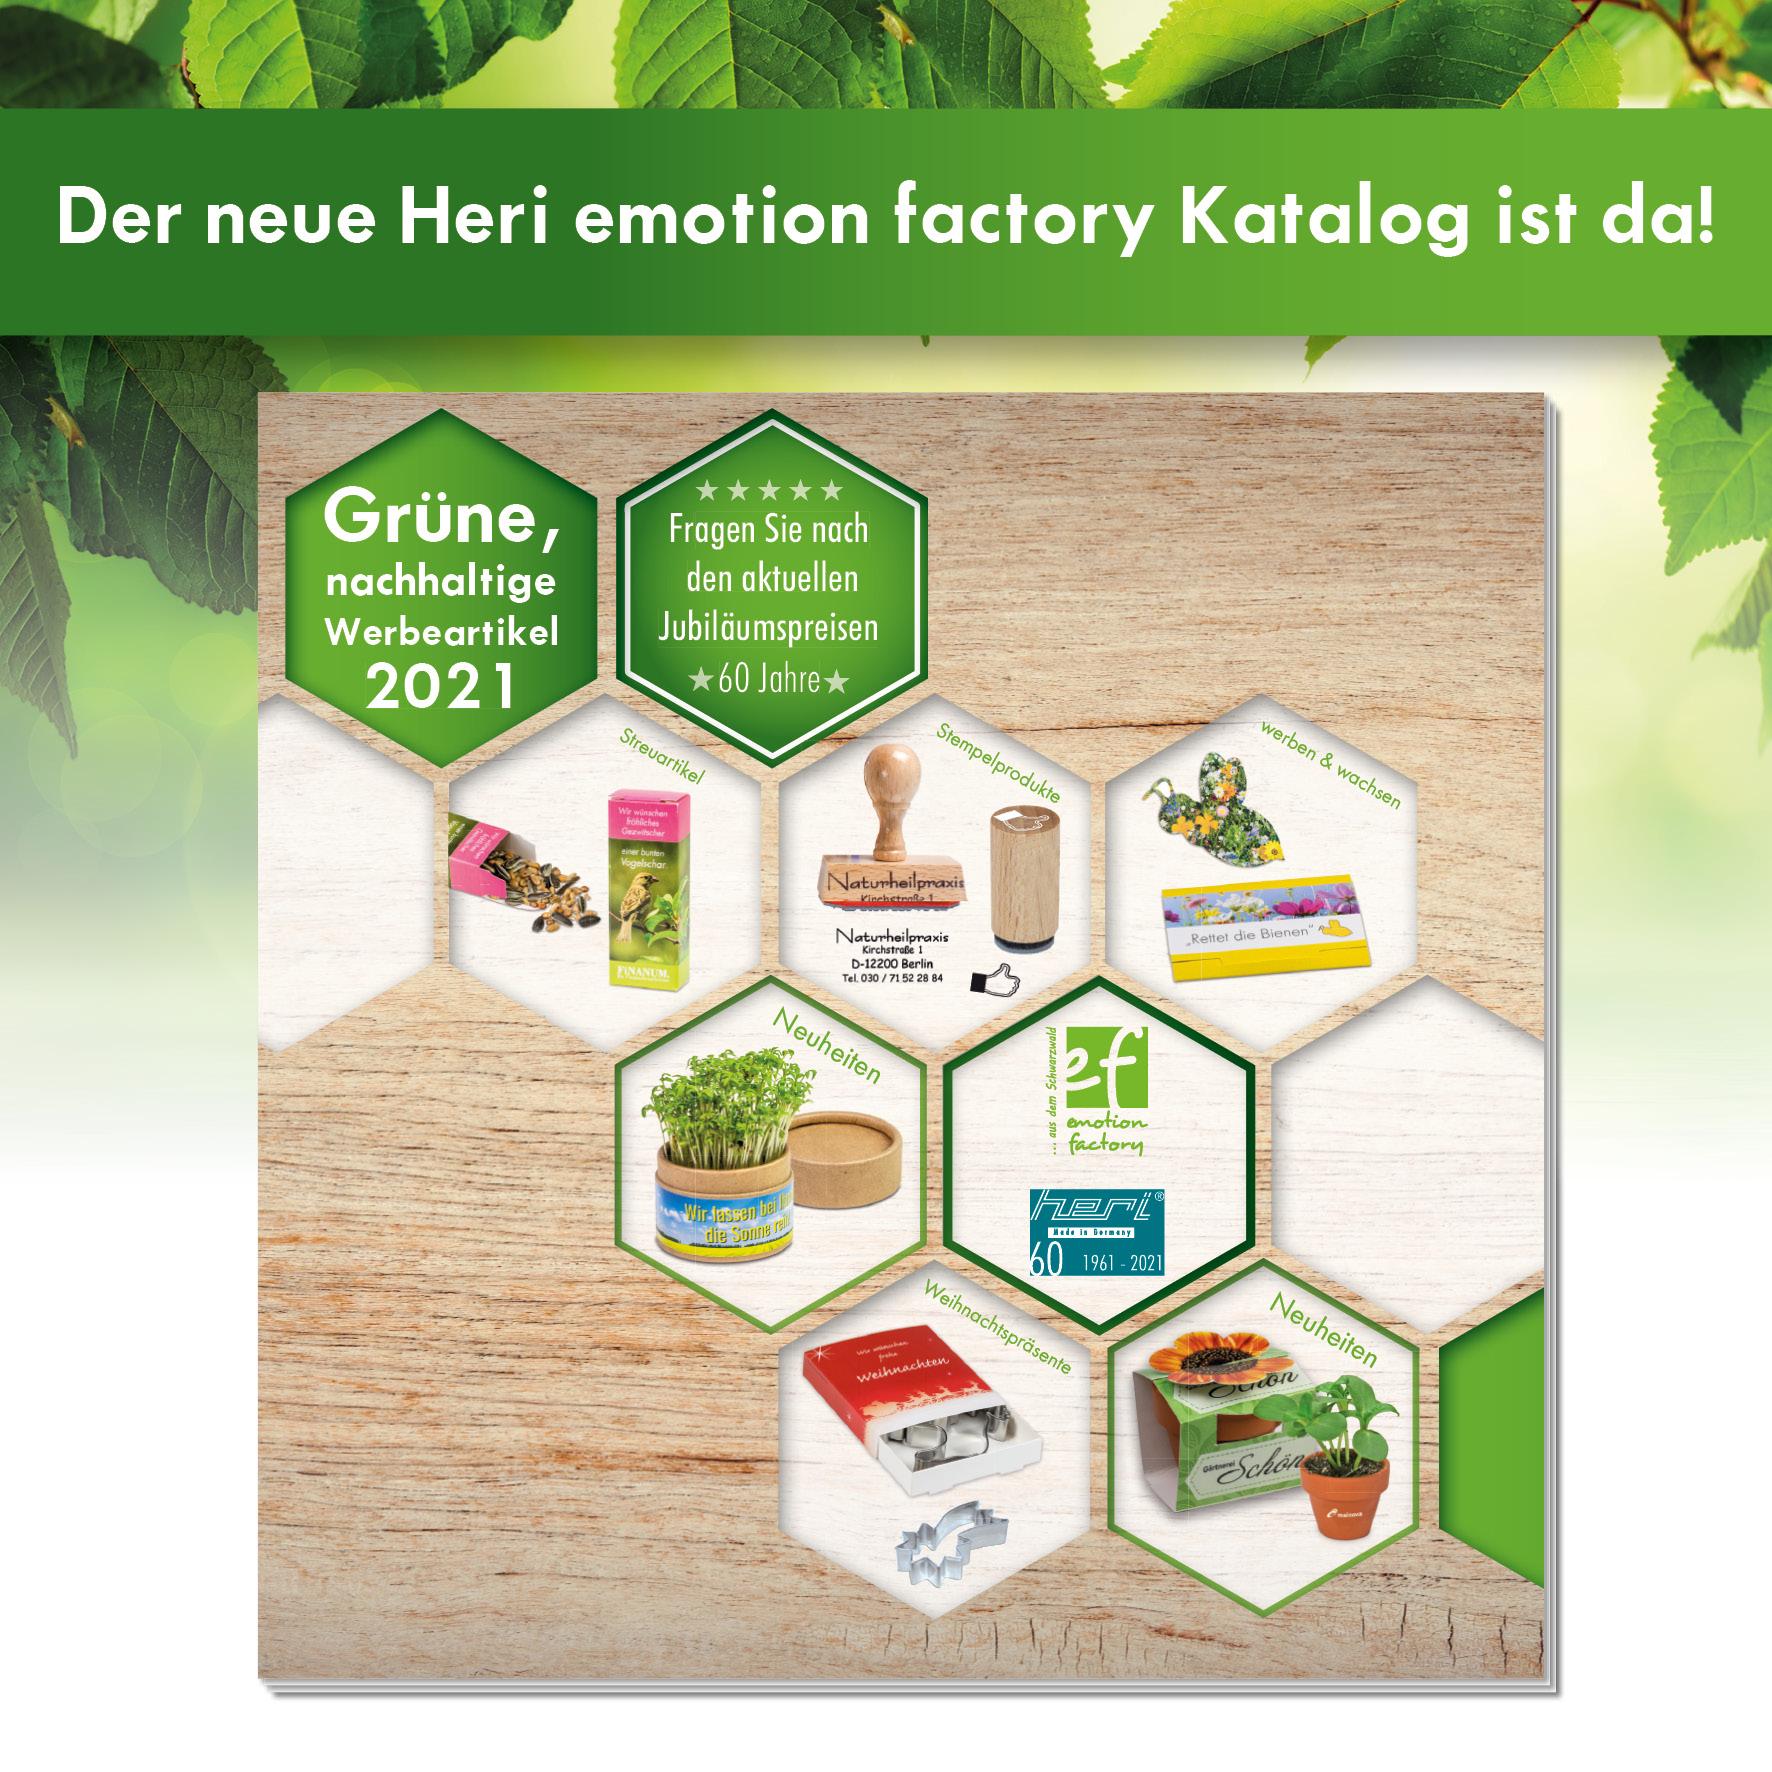 Heri und emotion factory präsentieren Katalog 2021